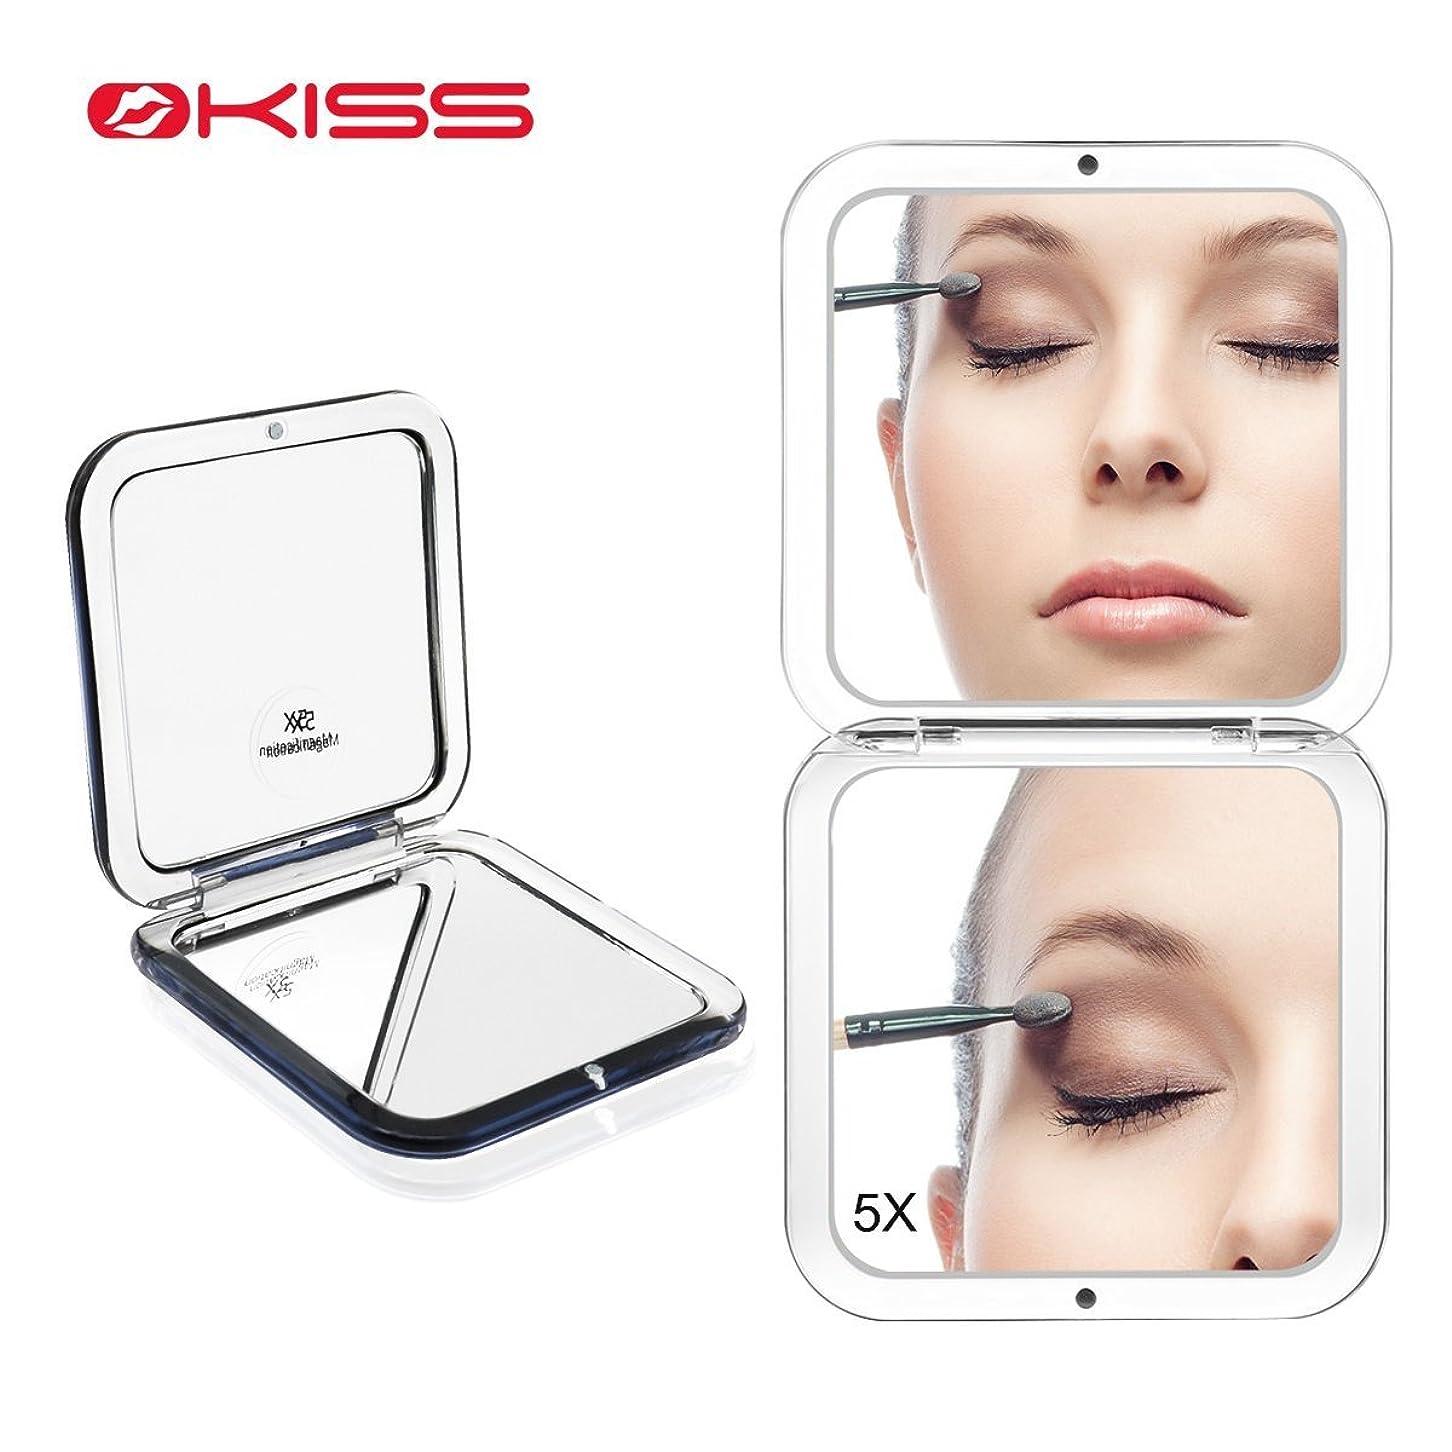 管理する杭推進力OKISS コンパクトミラー 化粧鏡 ミラー 5倍拡大鏡+等倍鏡 ハンドミラー 手鏡 両面 メンズ 携帯ミラー 折りたたみ おしゃれ 外出 持ち運び便利